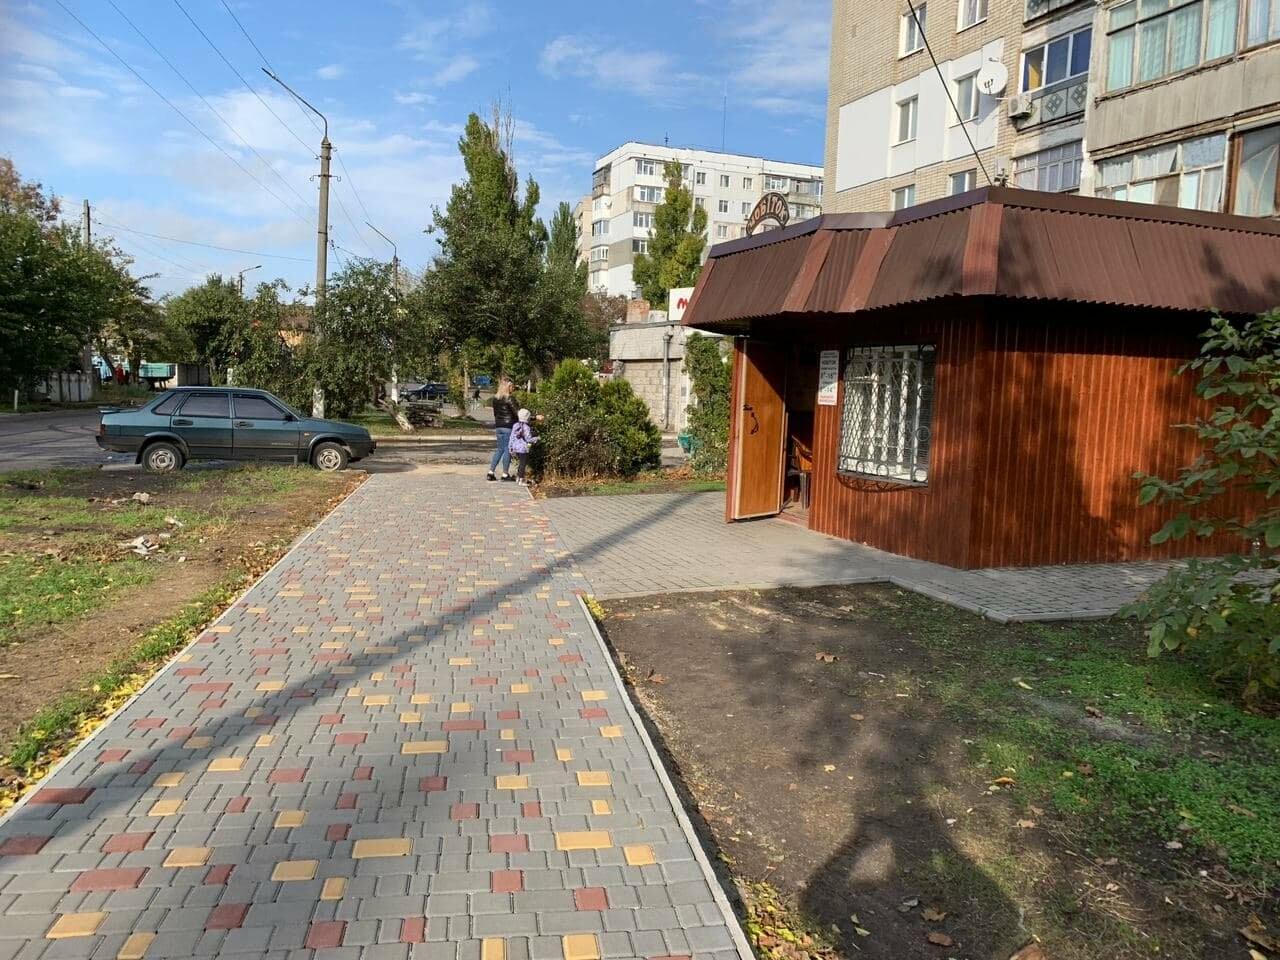 Бердянск – город перспектив. Сделаем его лучше вместе!, фото-21